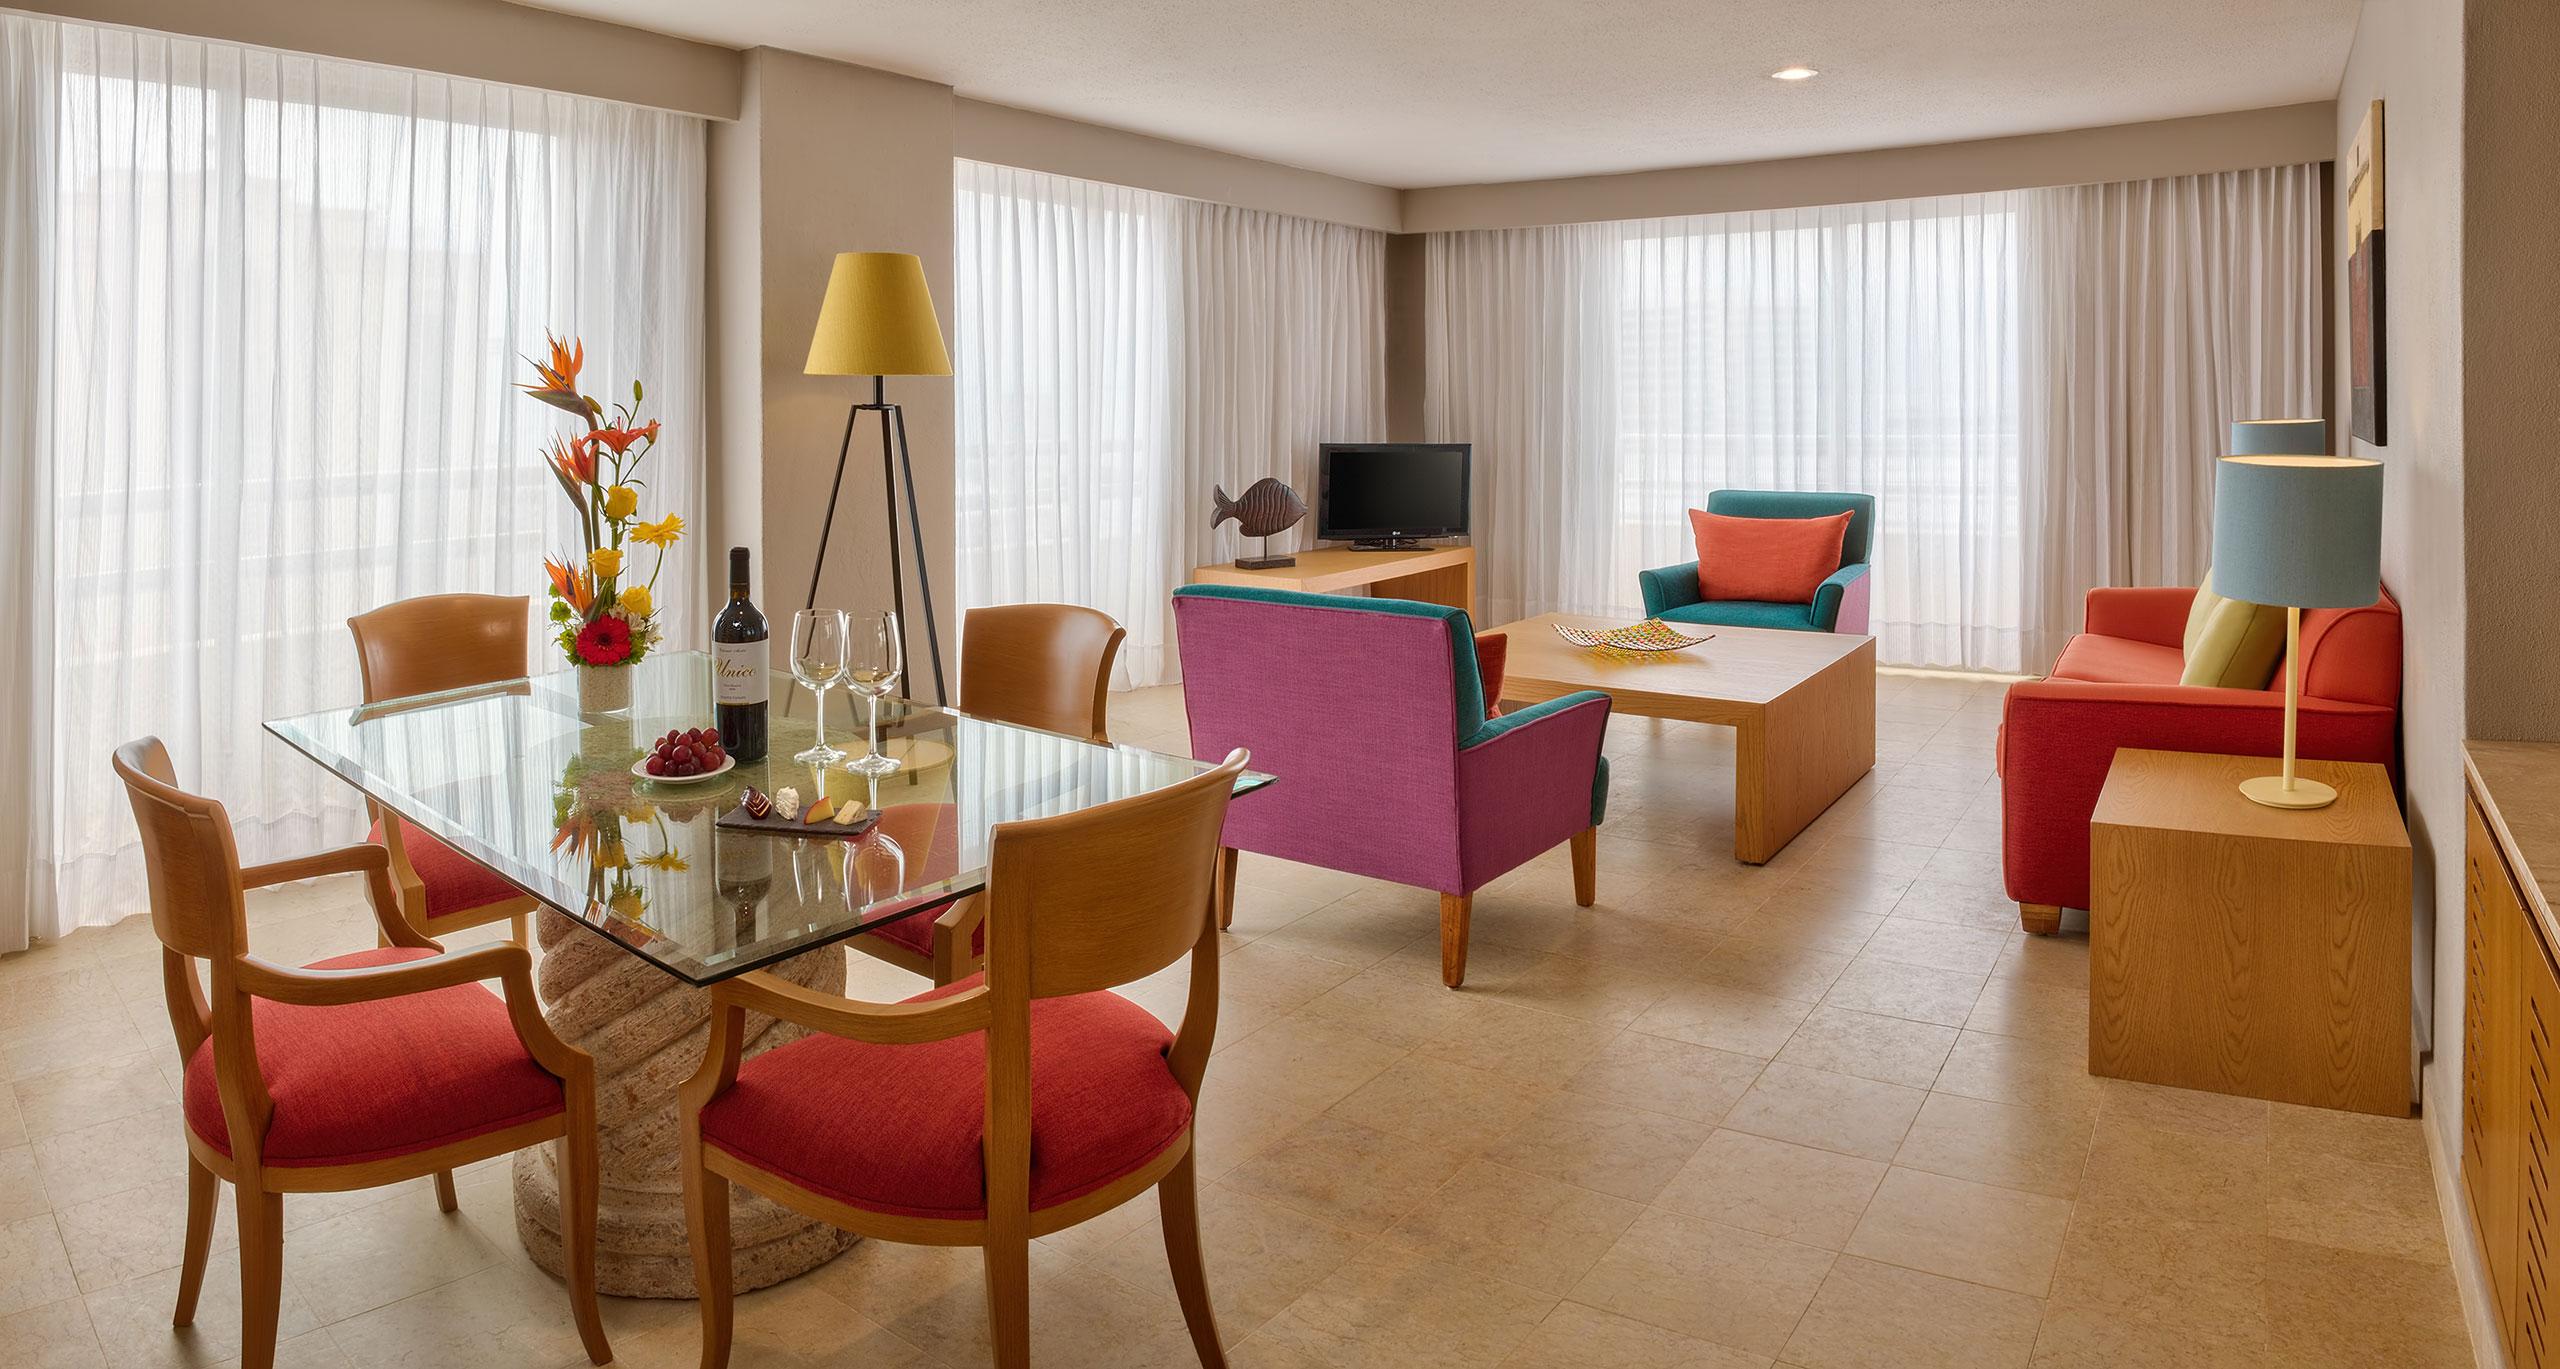 Master suite from Galeria Plaza Veracruz hotel